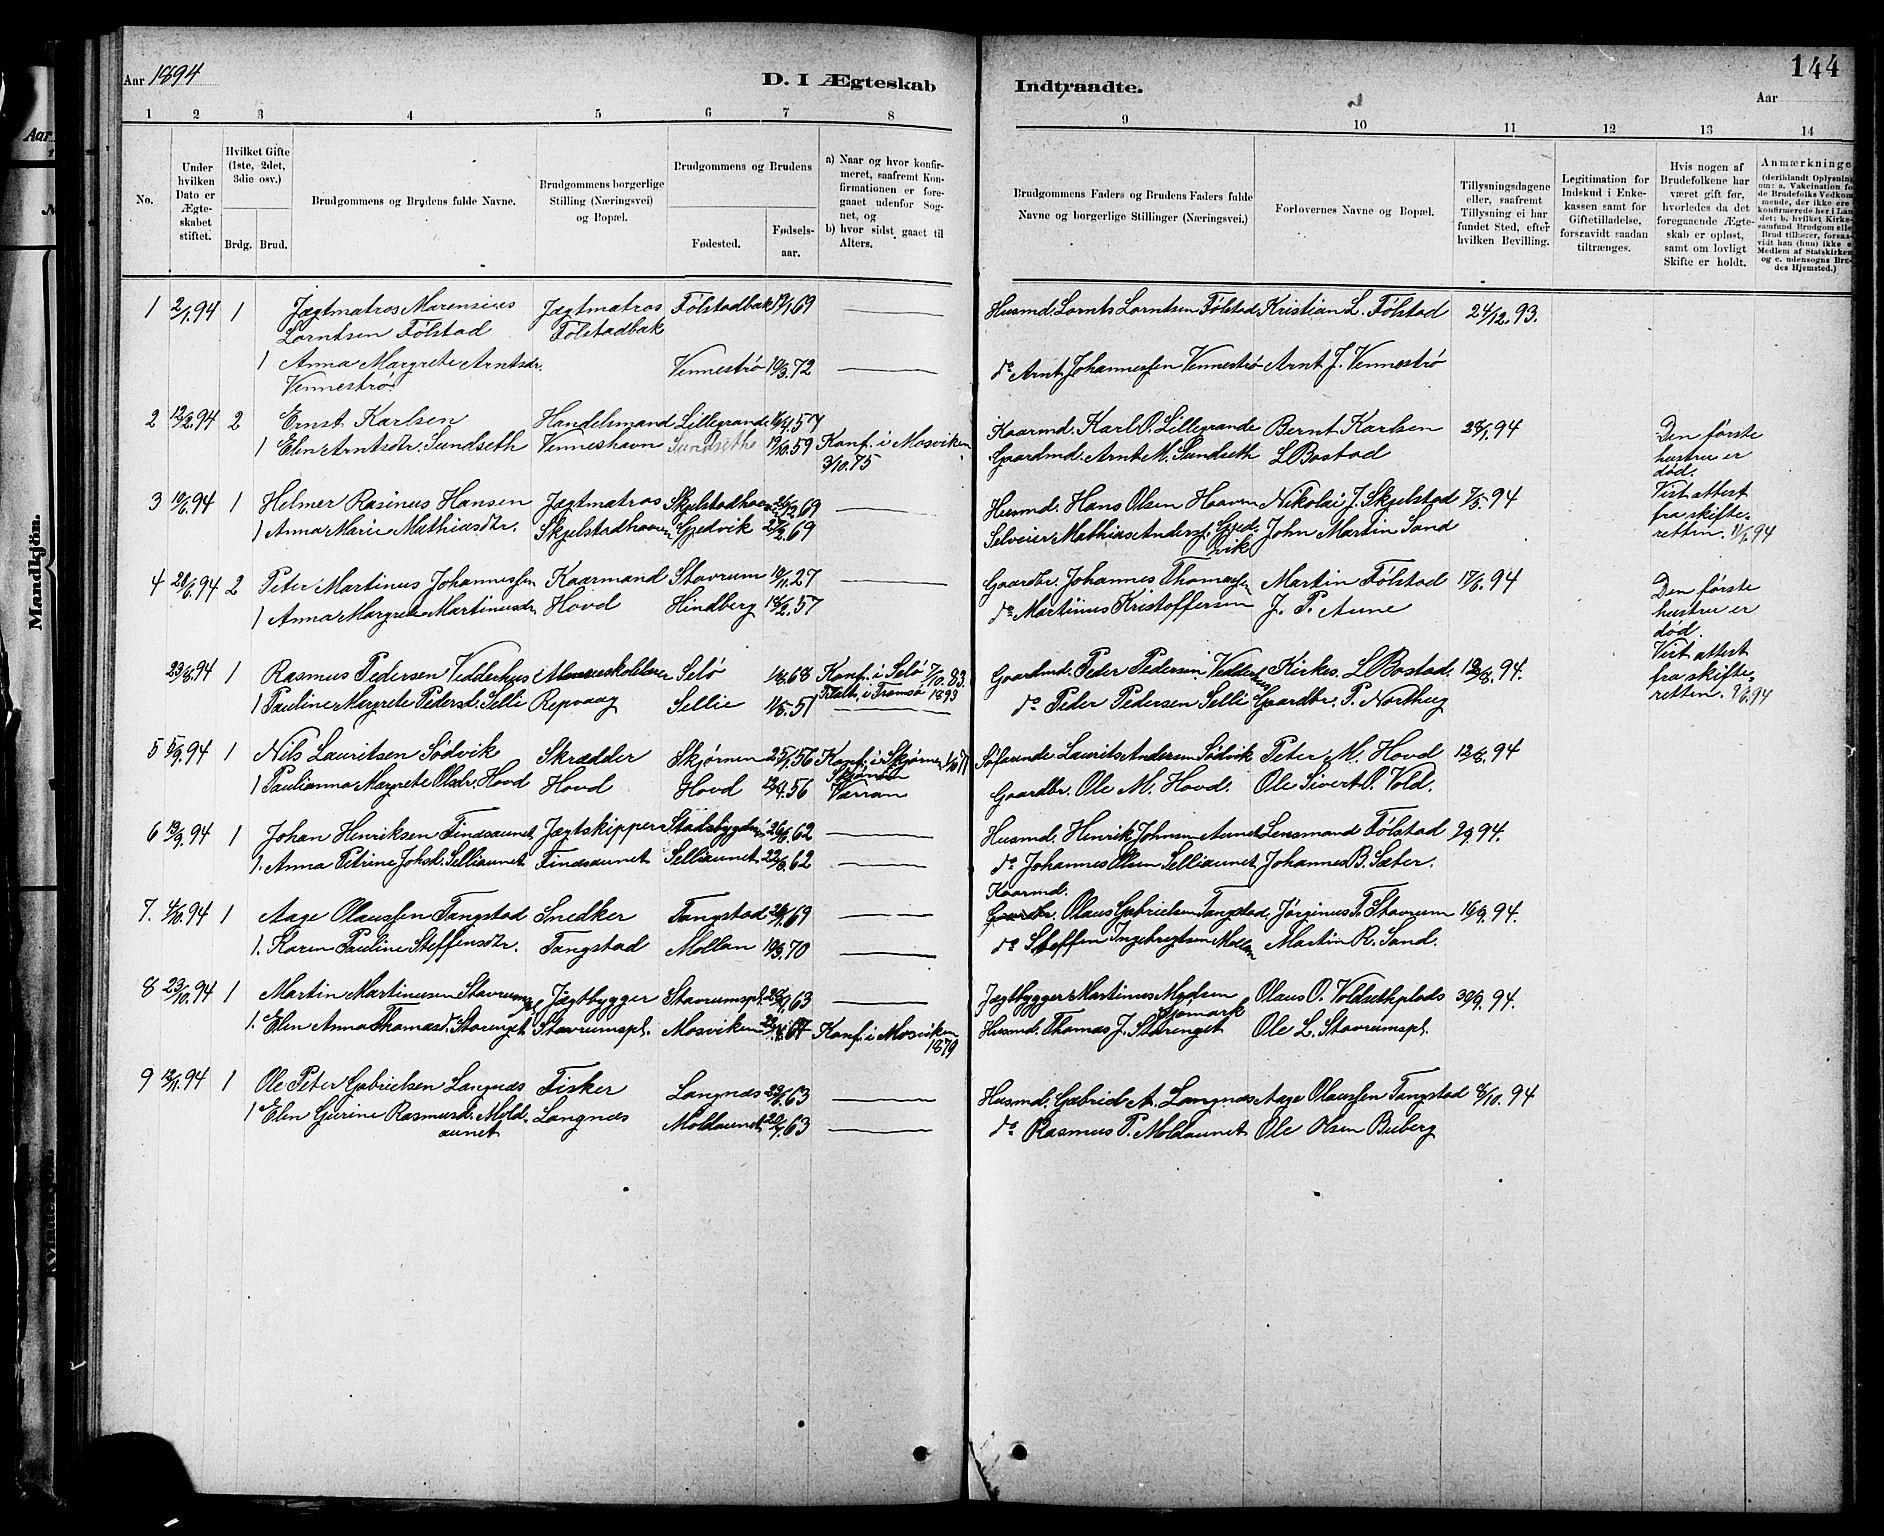 SAT, Ministerialprotokoller, klokkerbøker og fødselsregistre - Nord-Trøndelag, 744/L0423: Klokkerbok nr. 744C02, 1886-1905, s. 144